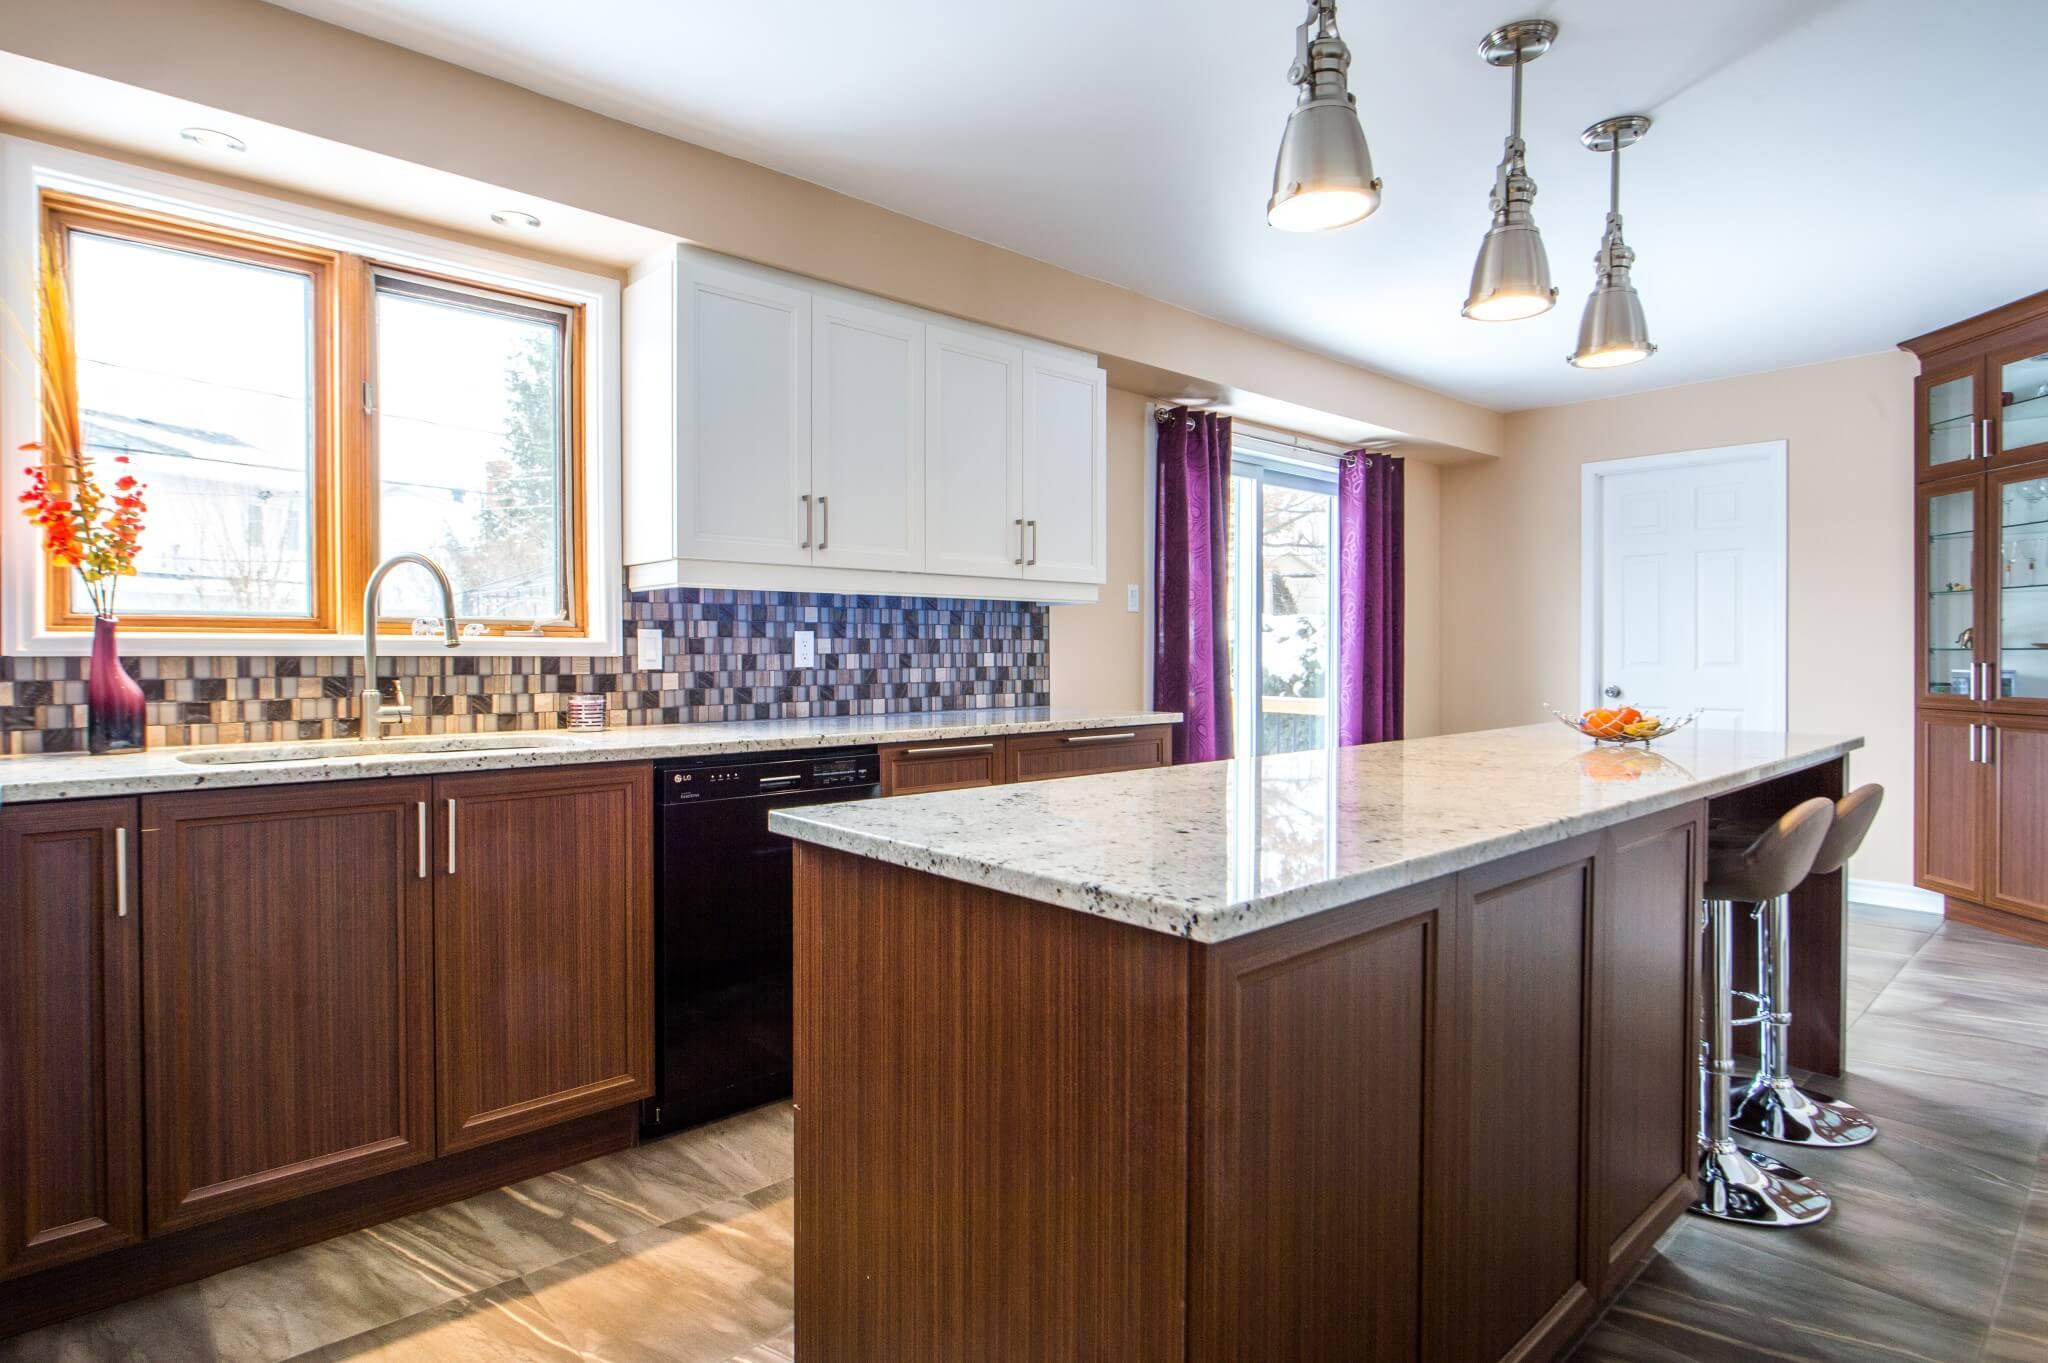 projet de cuisine de bois pale